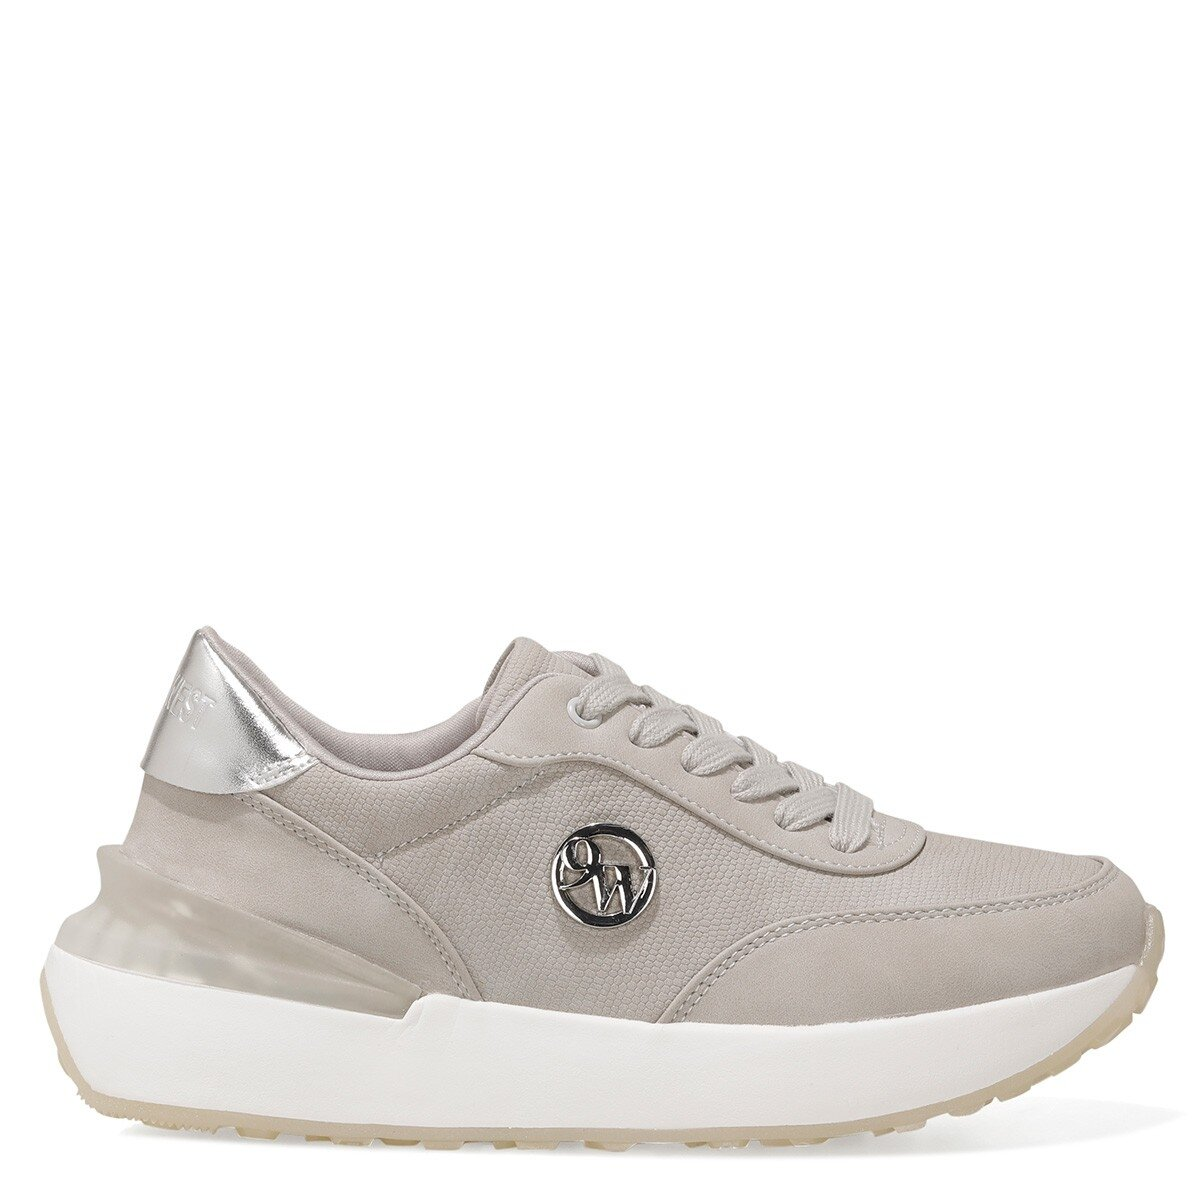 SKYLAR3 1FX Bej Kadın Sneaker